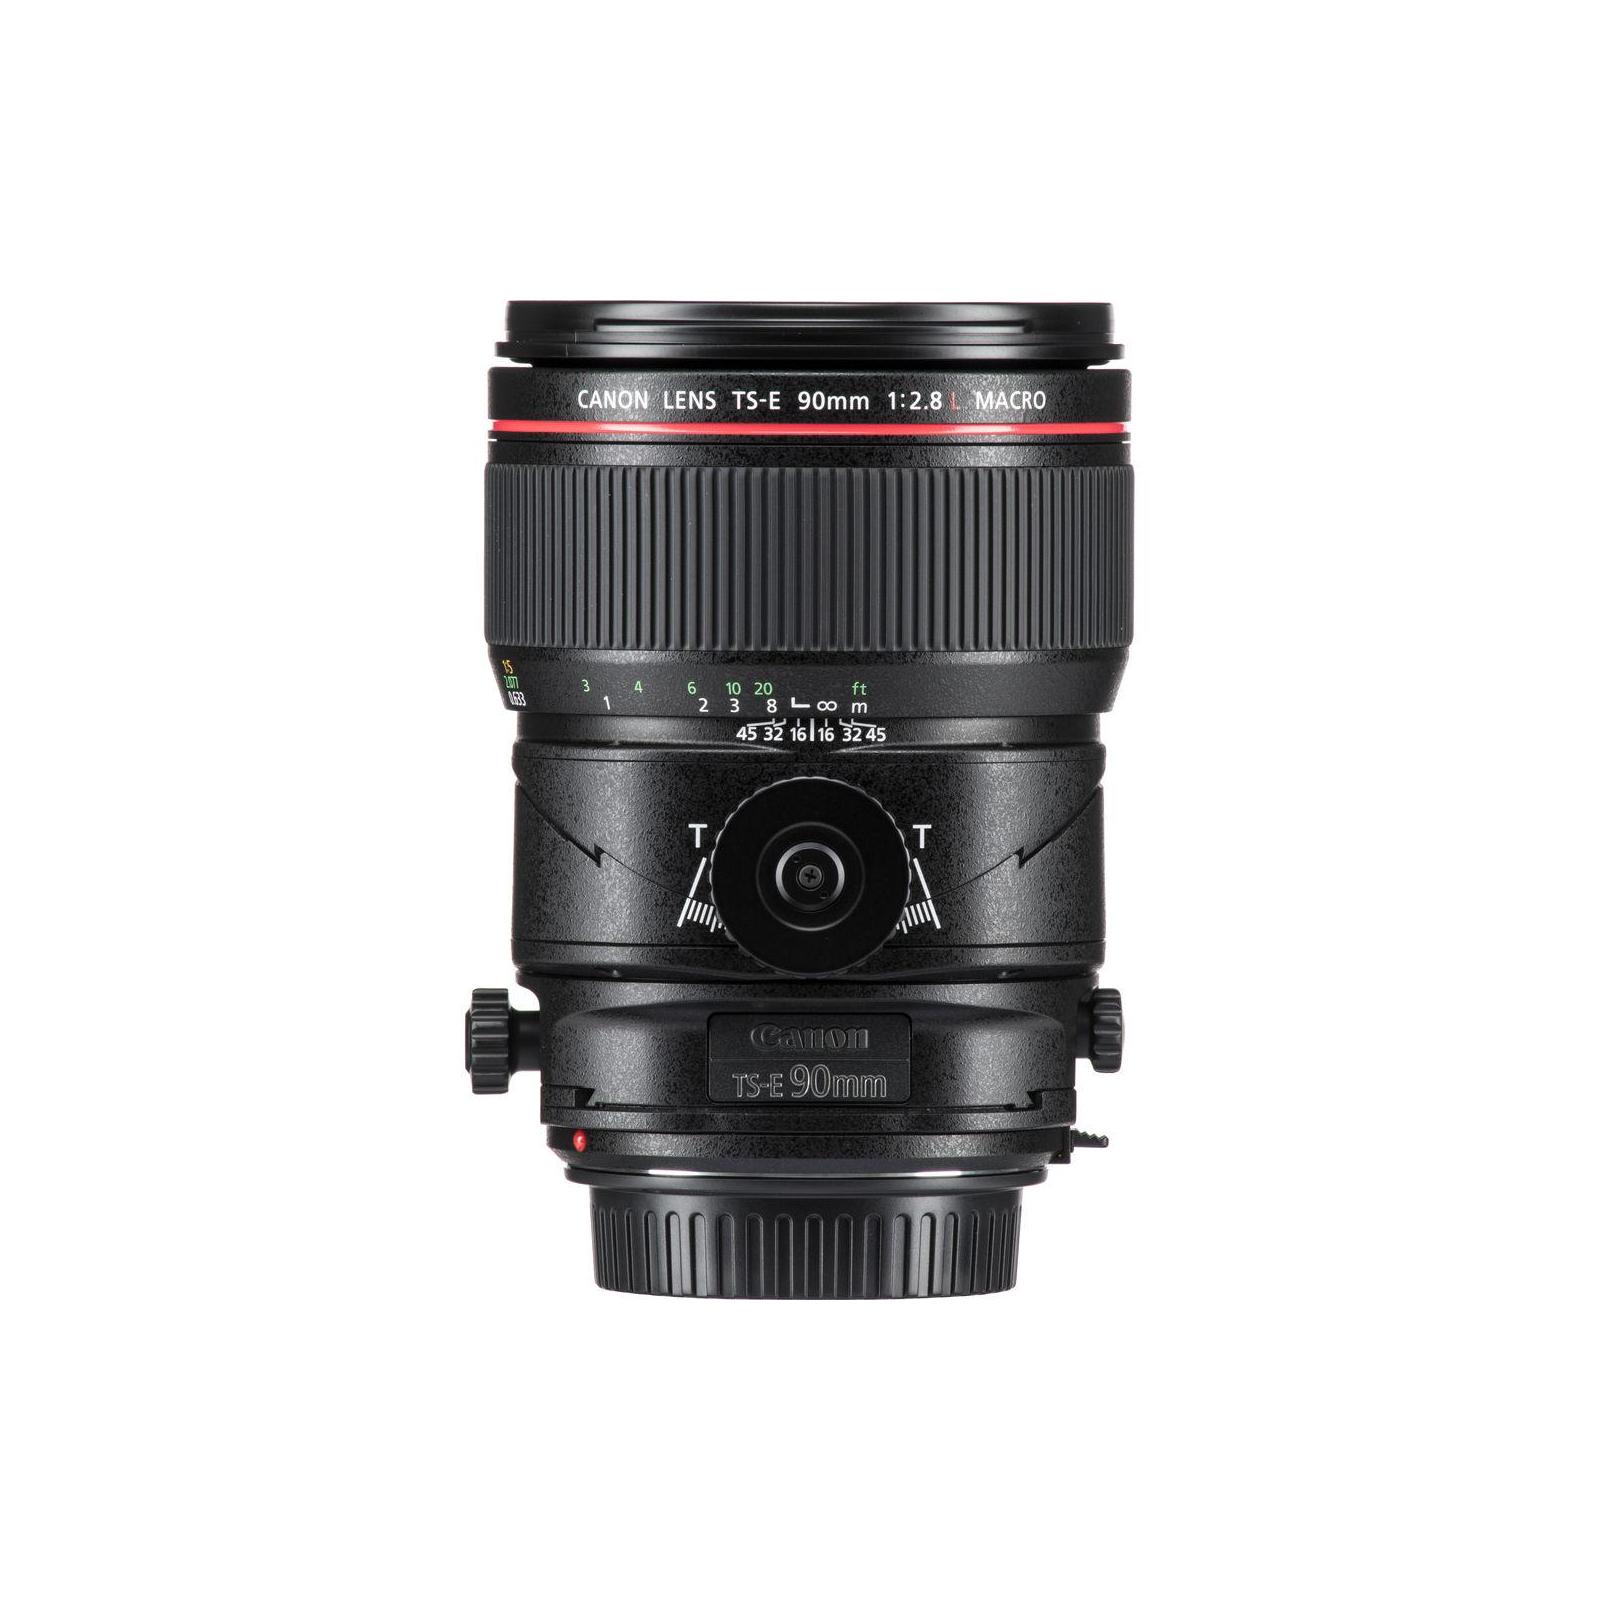 Объектив Canon TS-E 90mm f/2.8 L Macro (2274C005) изображение 3